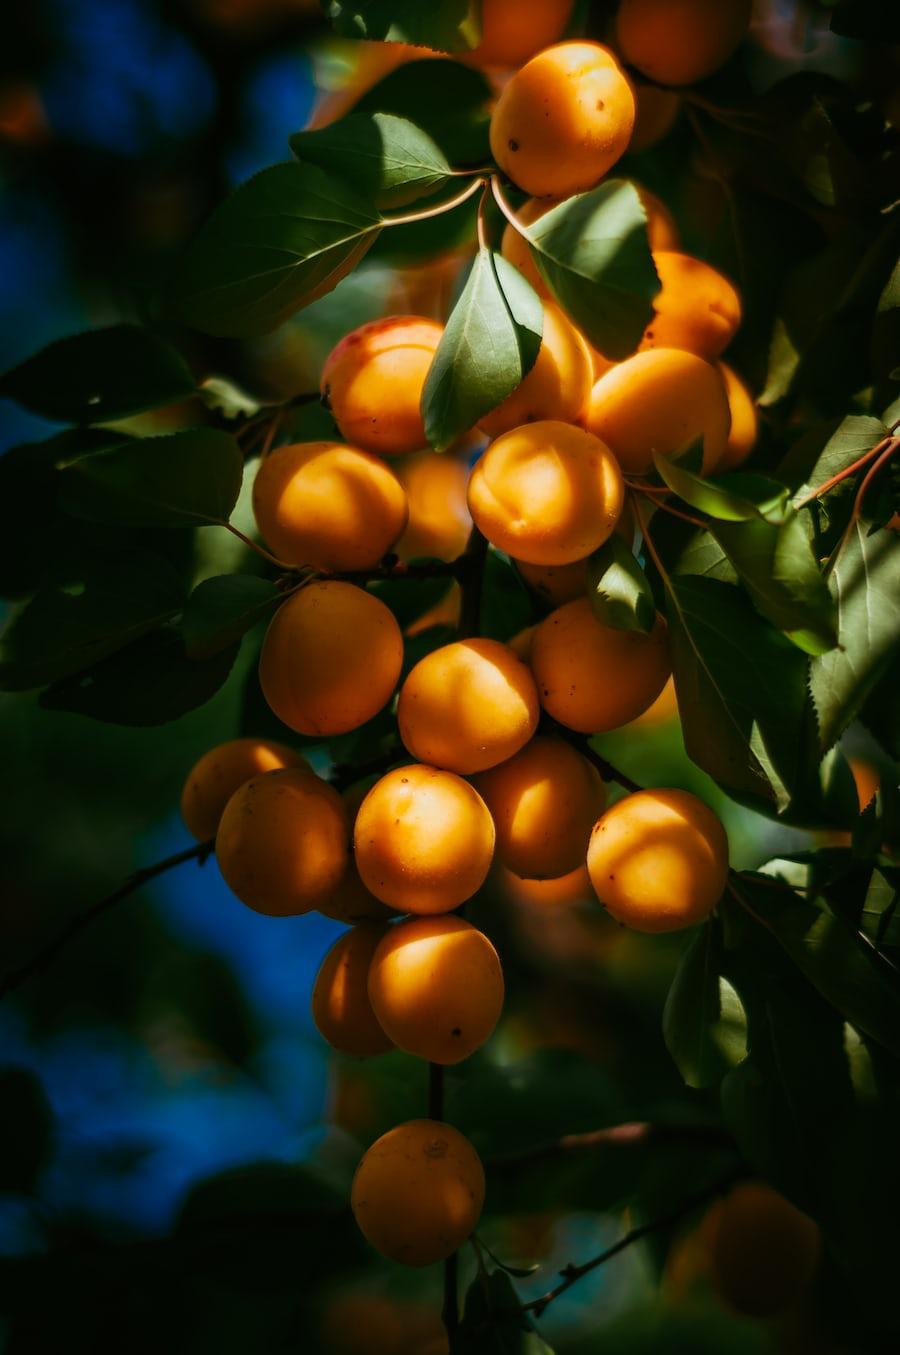 Apricot picture